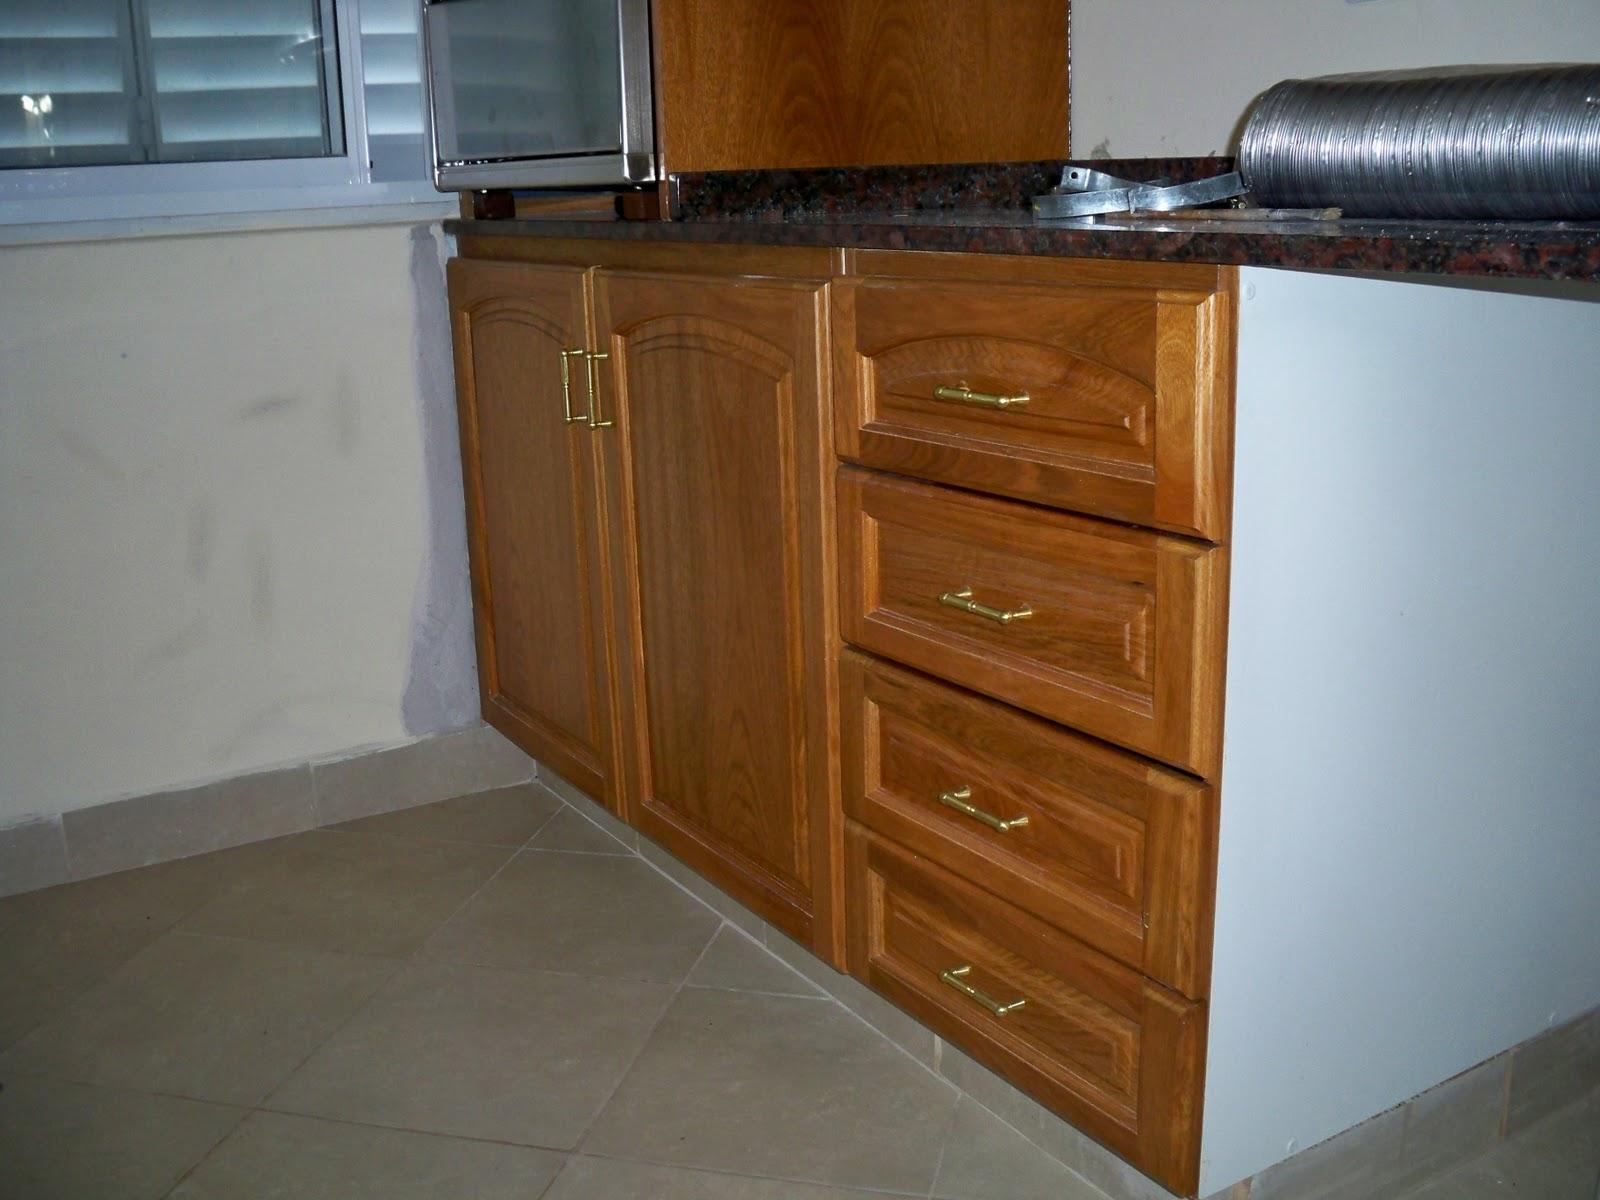 Deco muebles amoblamiento de cocina en roble for Muebles de cocina roble